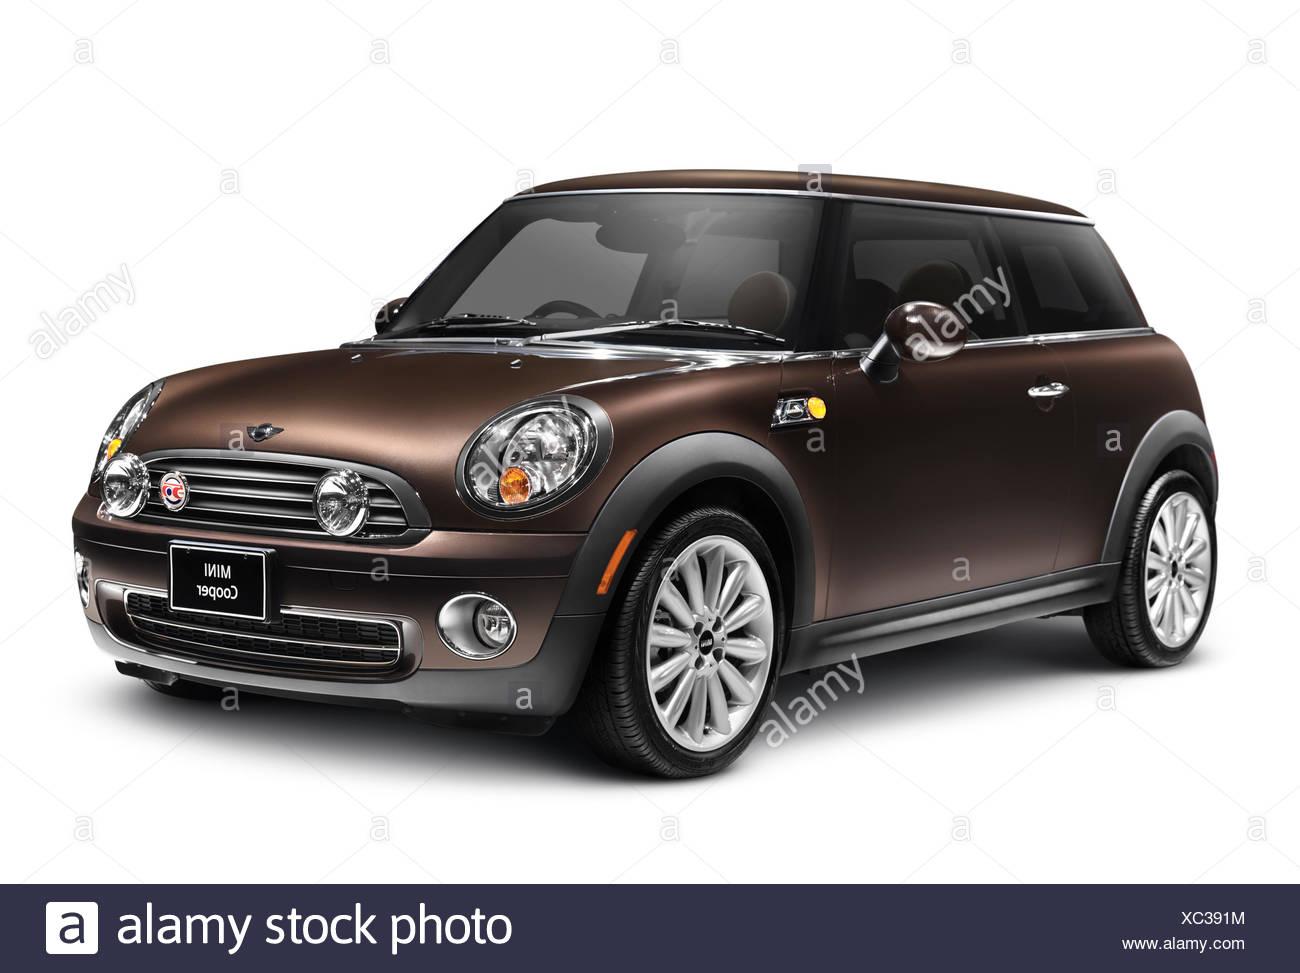 2010 Mini Cooper 50 Mayfair car - Stock Image